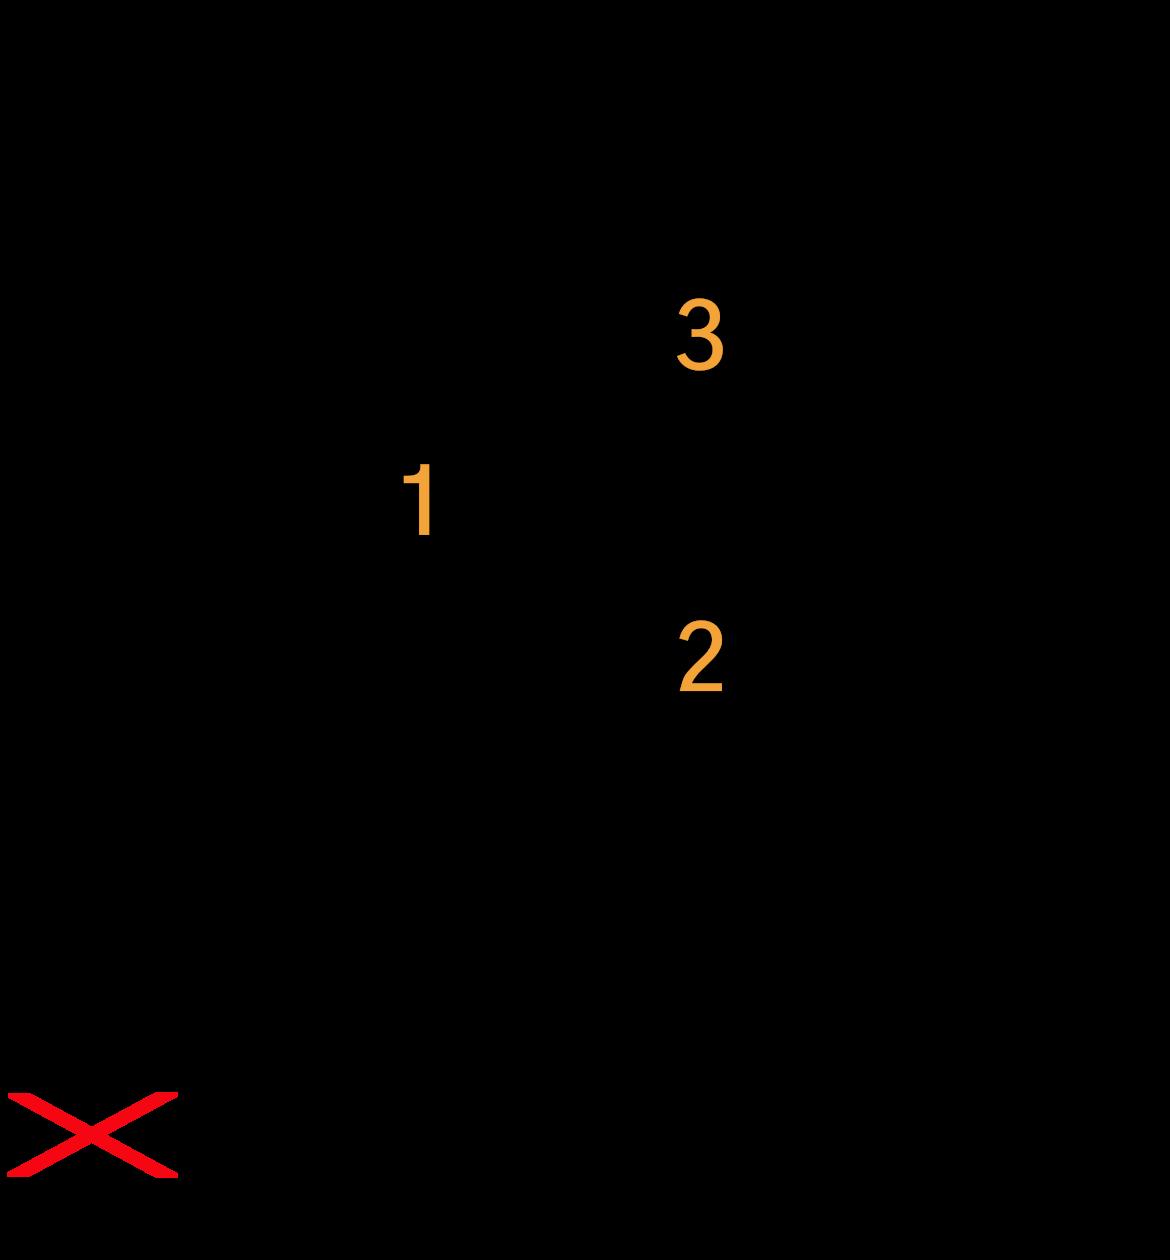 D7 guitar akkord grafik